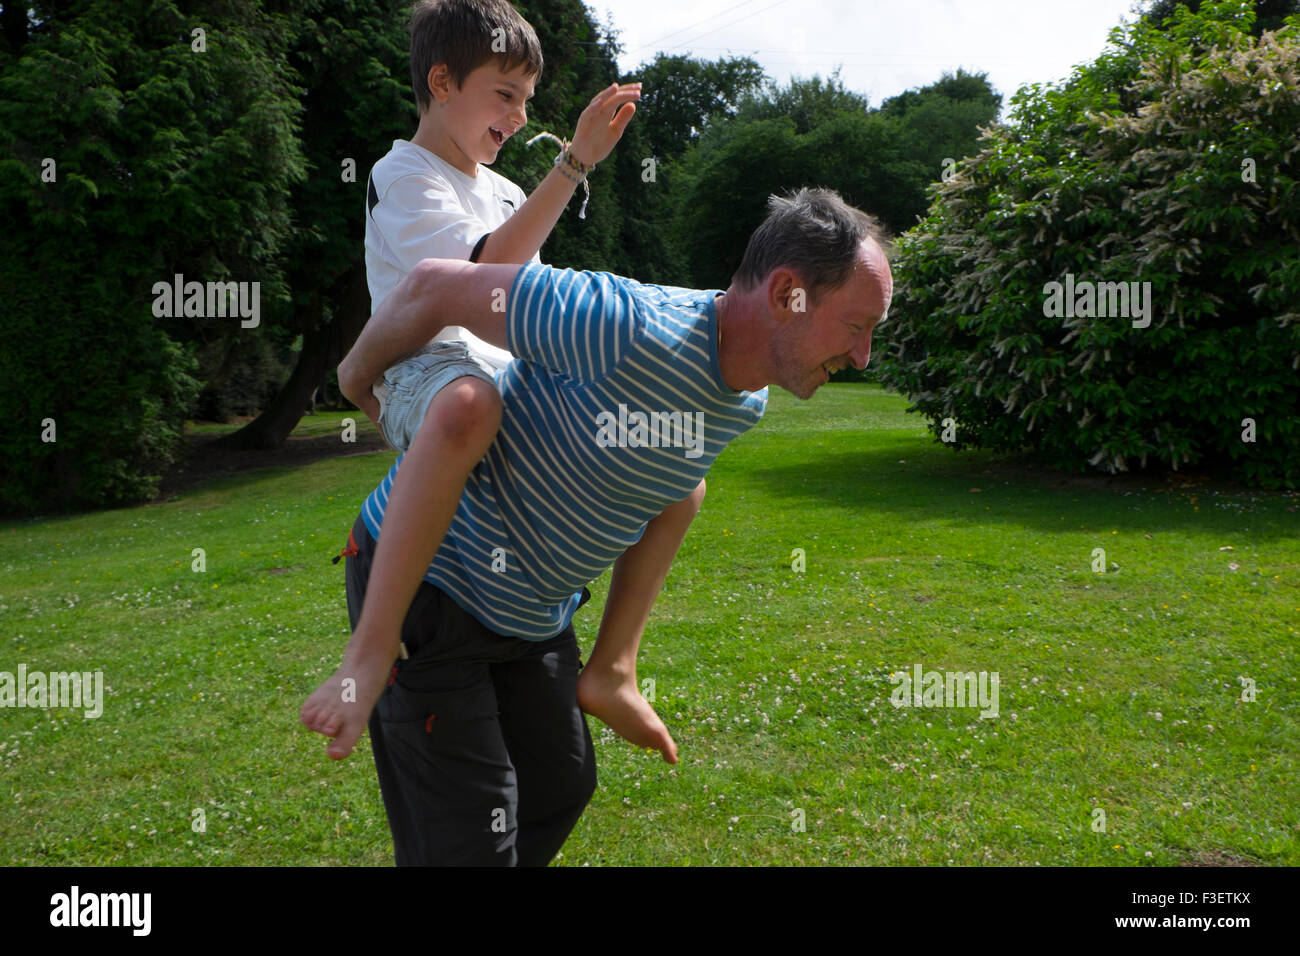 Uomo di 50 anni giocando con 8 anno vecchio nipote nel giardino, Monmouth, Powys, England, Regno Unito Immagini Stock